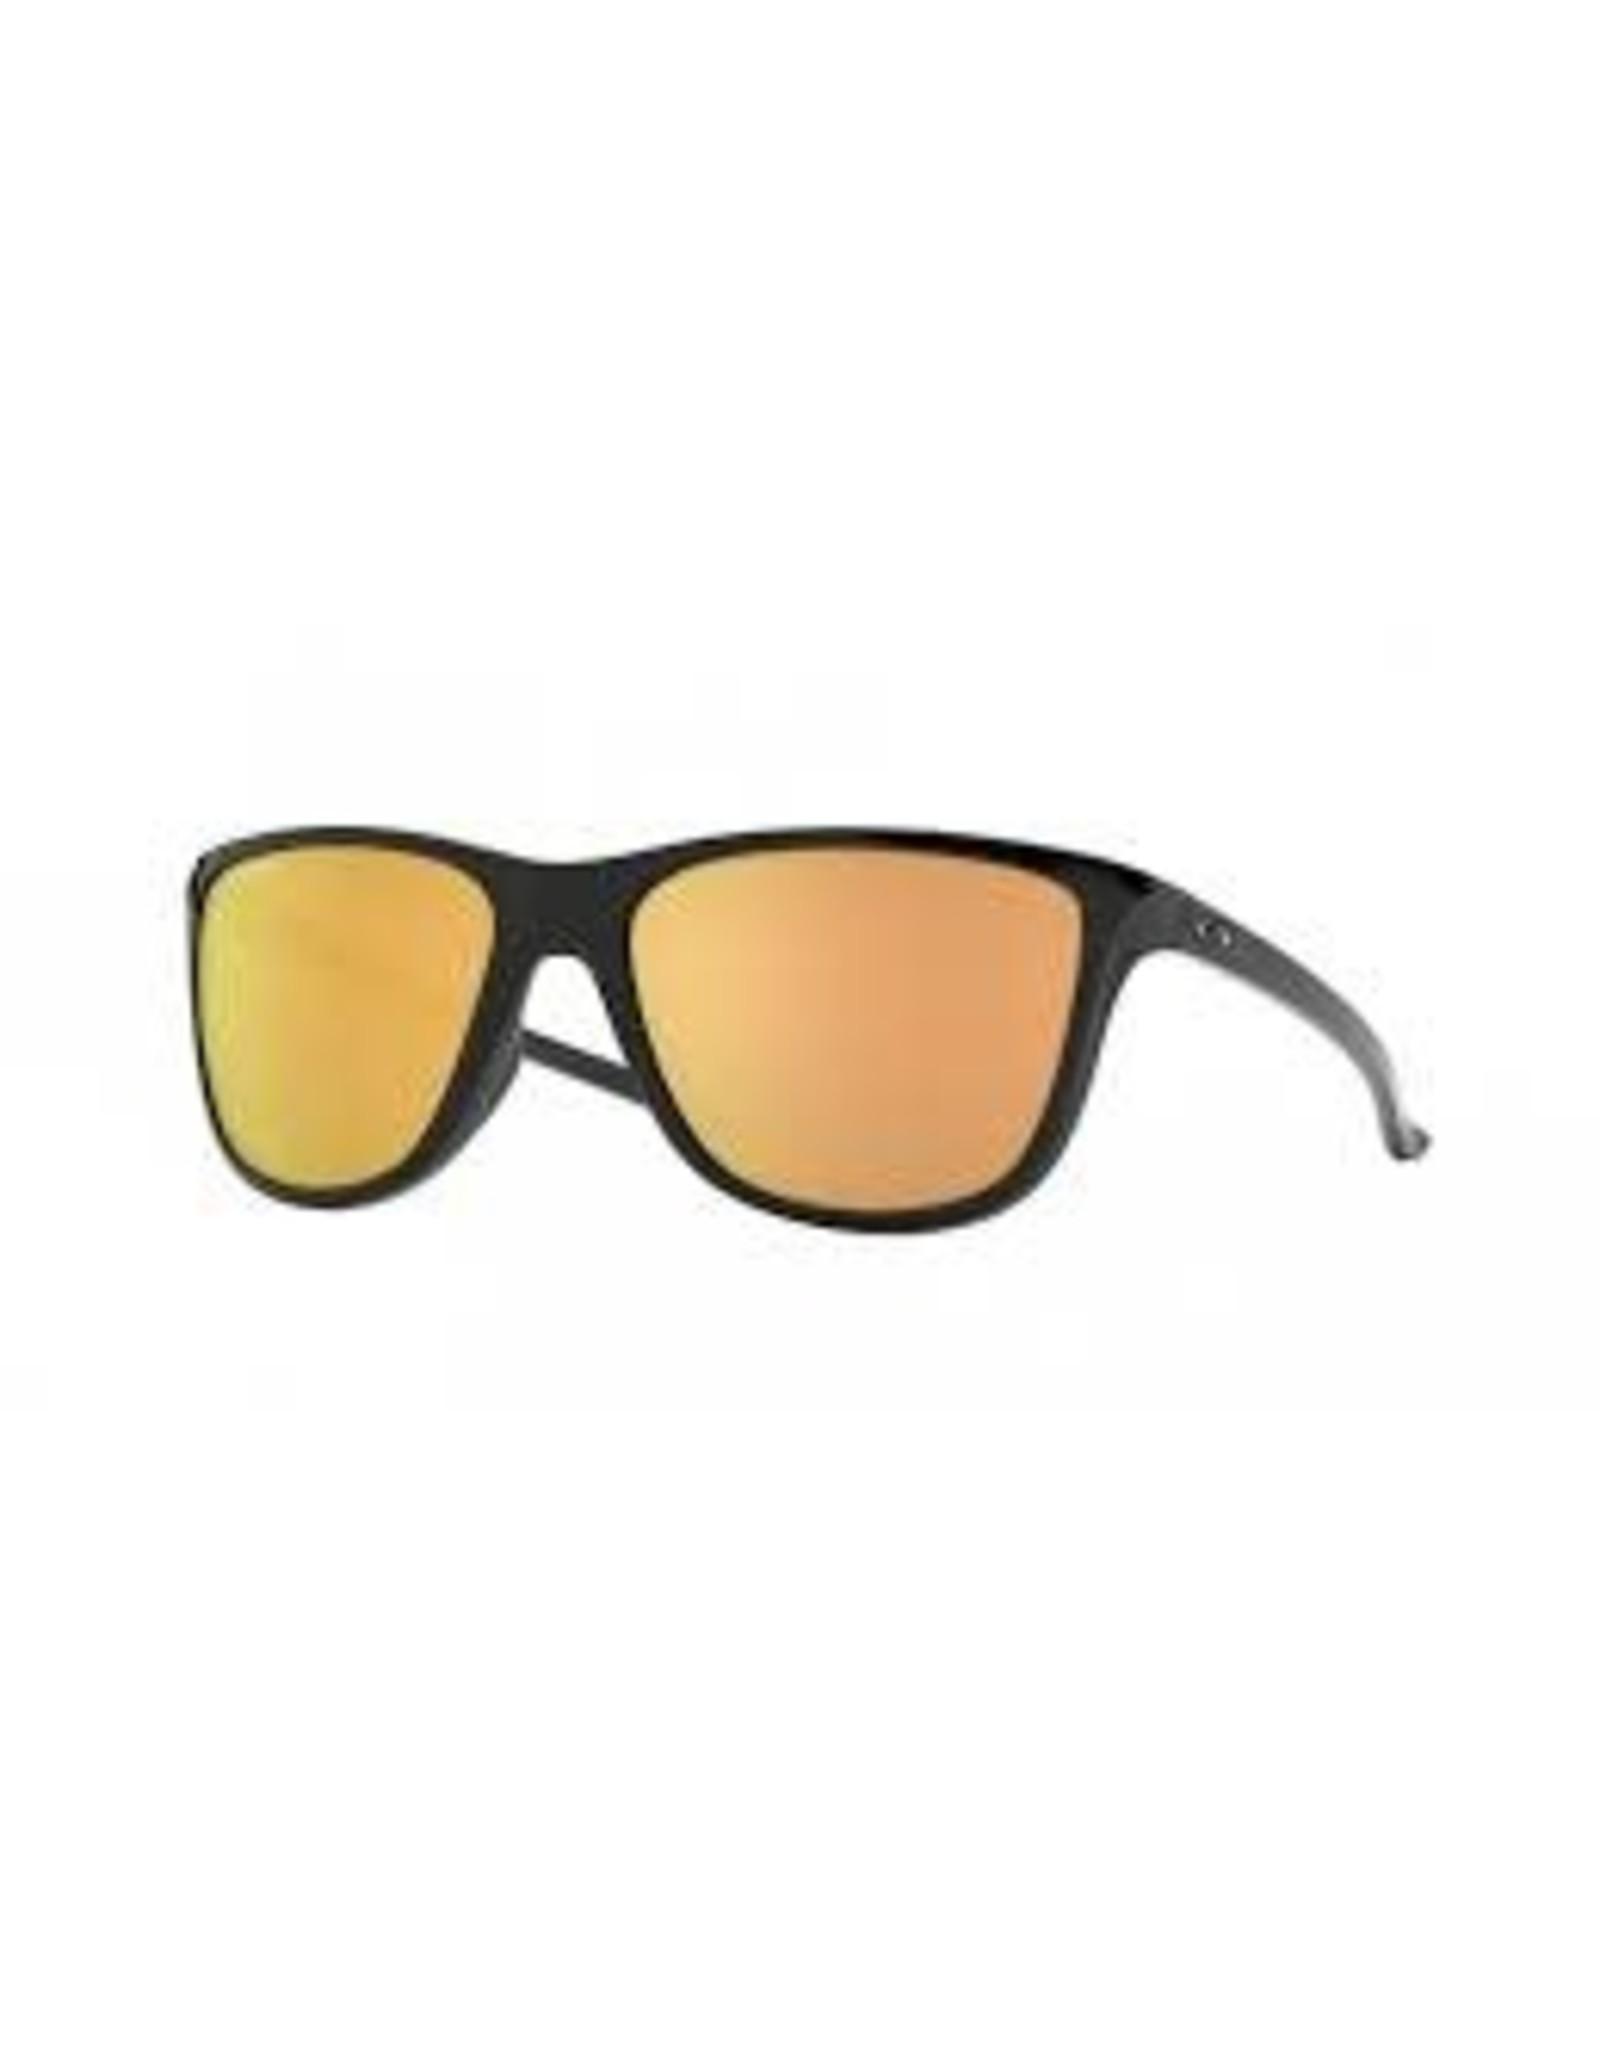 Oakley Oakley - lunette soleil reverie polished